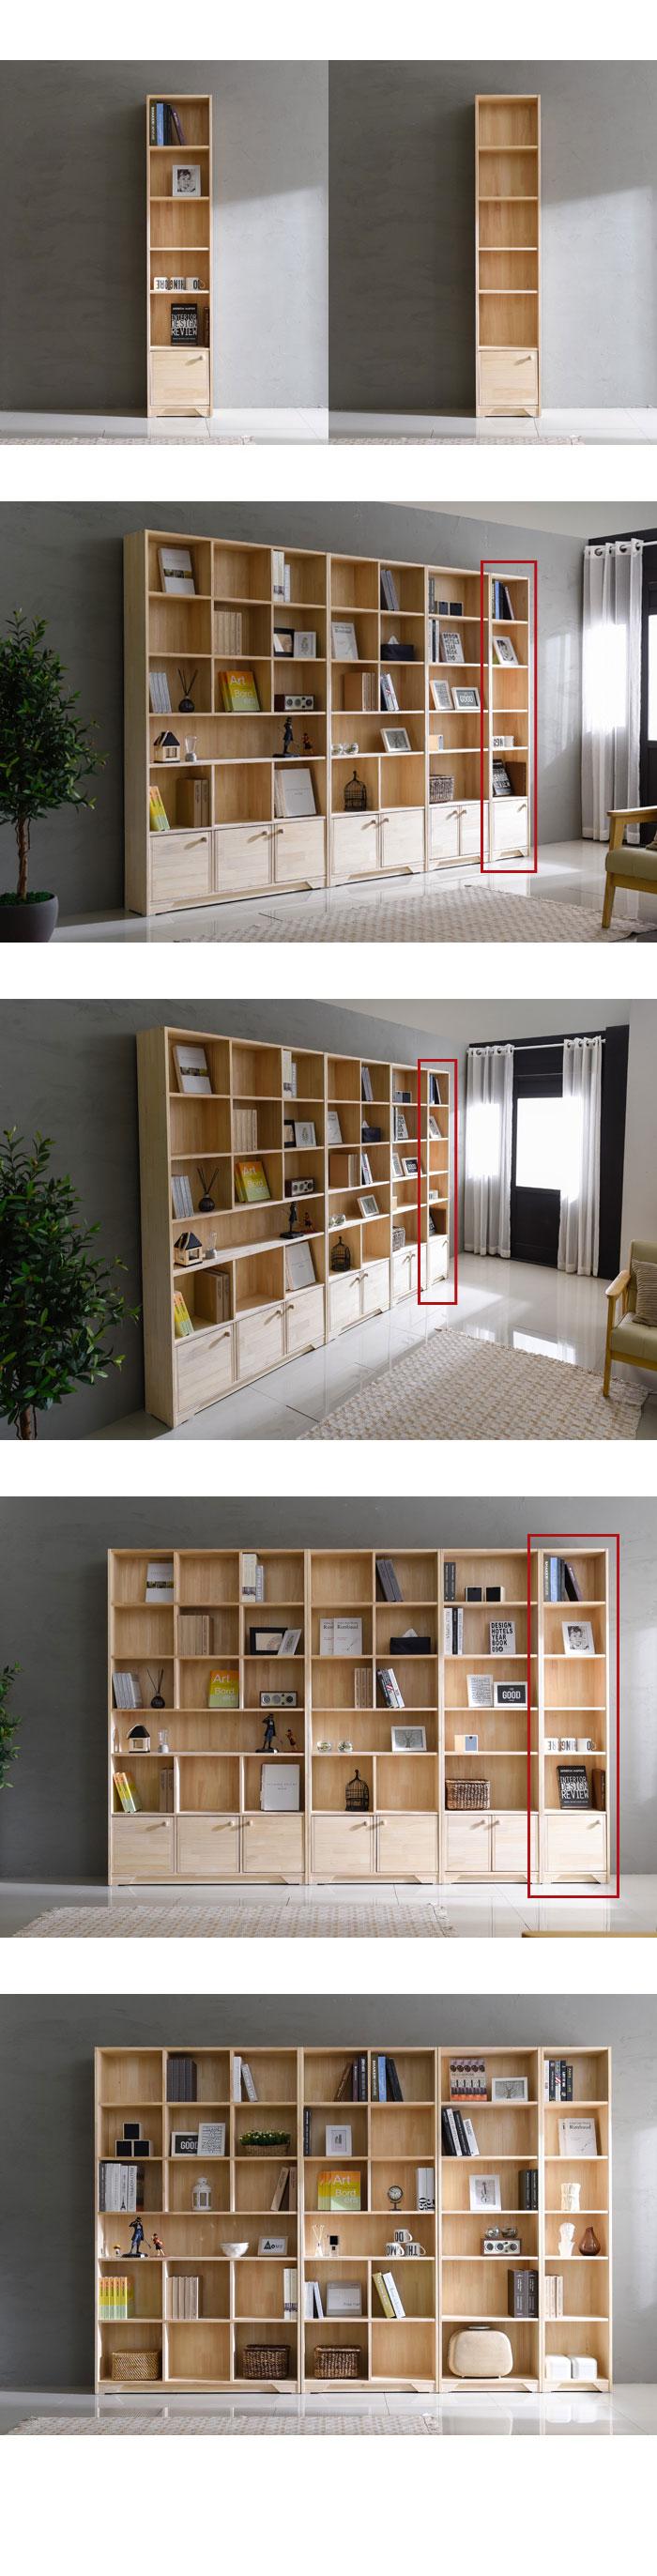 파룬 원목 6단 400 장식 책장 하단 도어형 - 인우드, 209,920원, 책장/서재수납, 책장